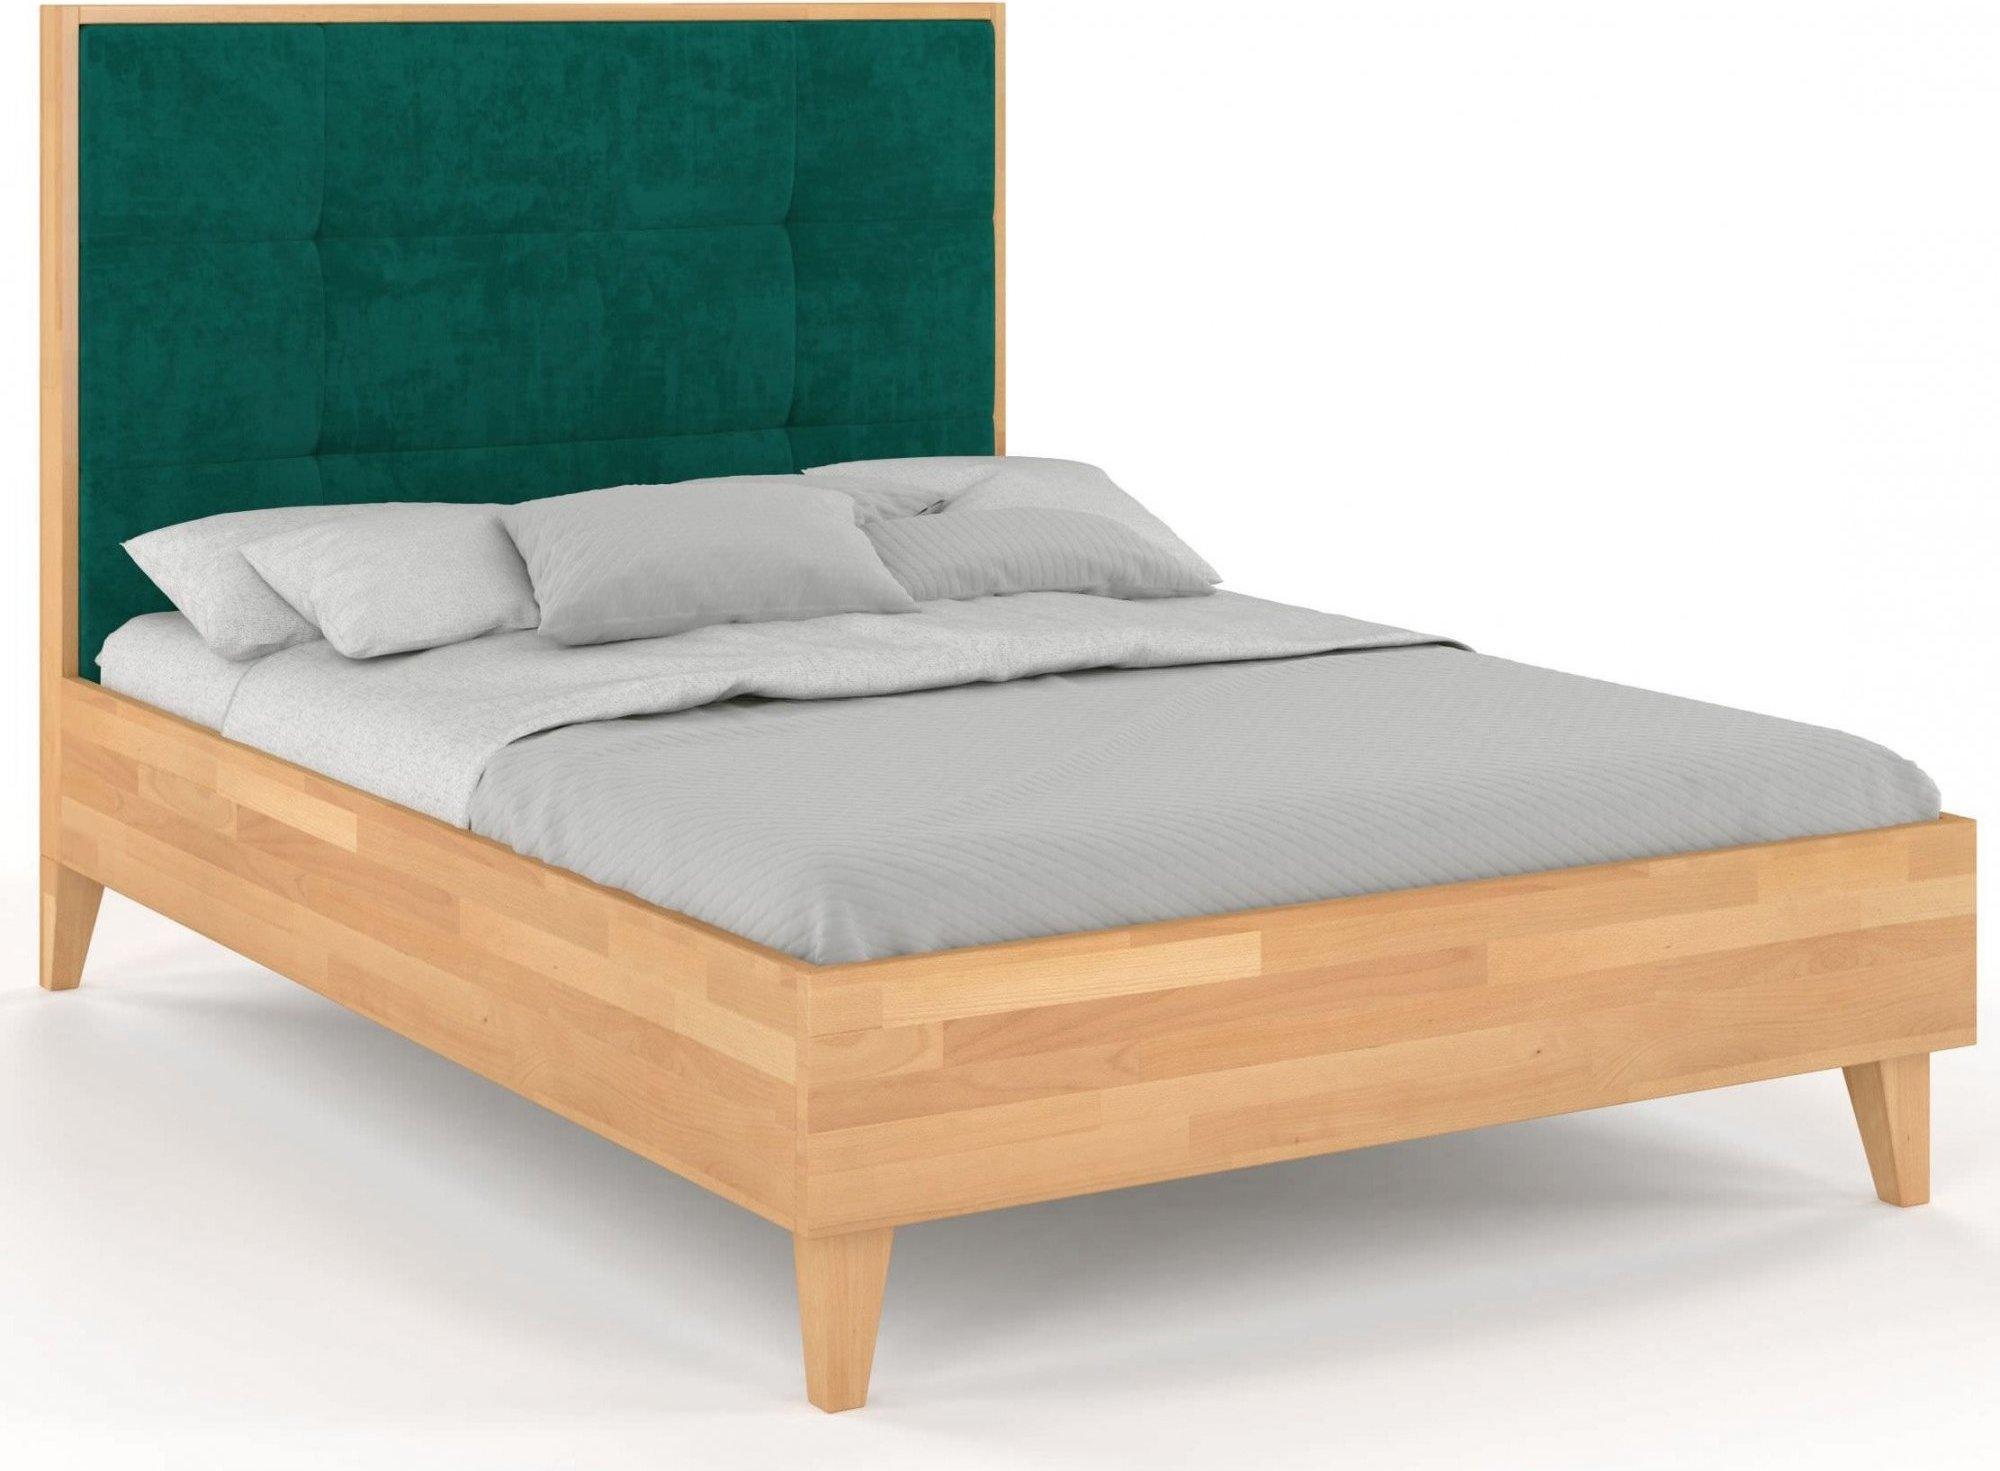 Lit avec tête de lit sommier hêtre massif vert 160x200cm